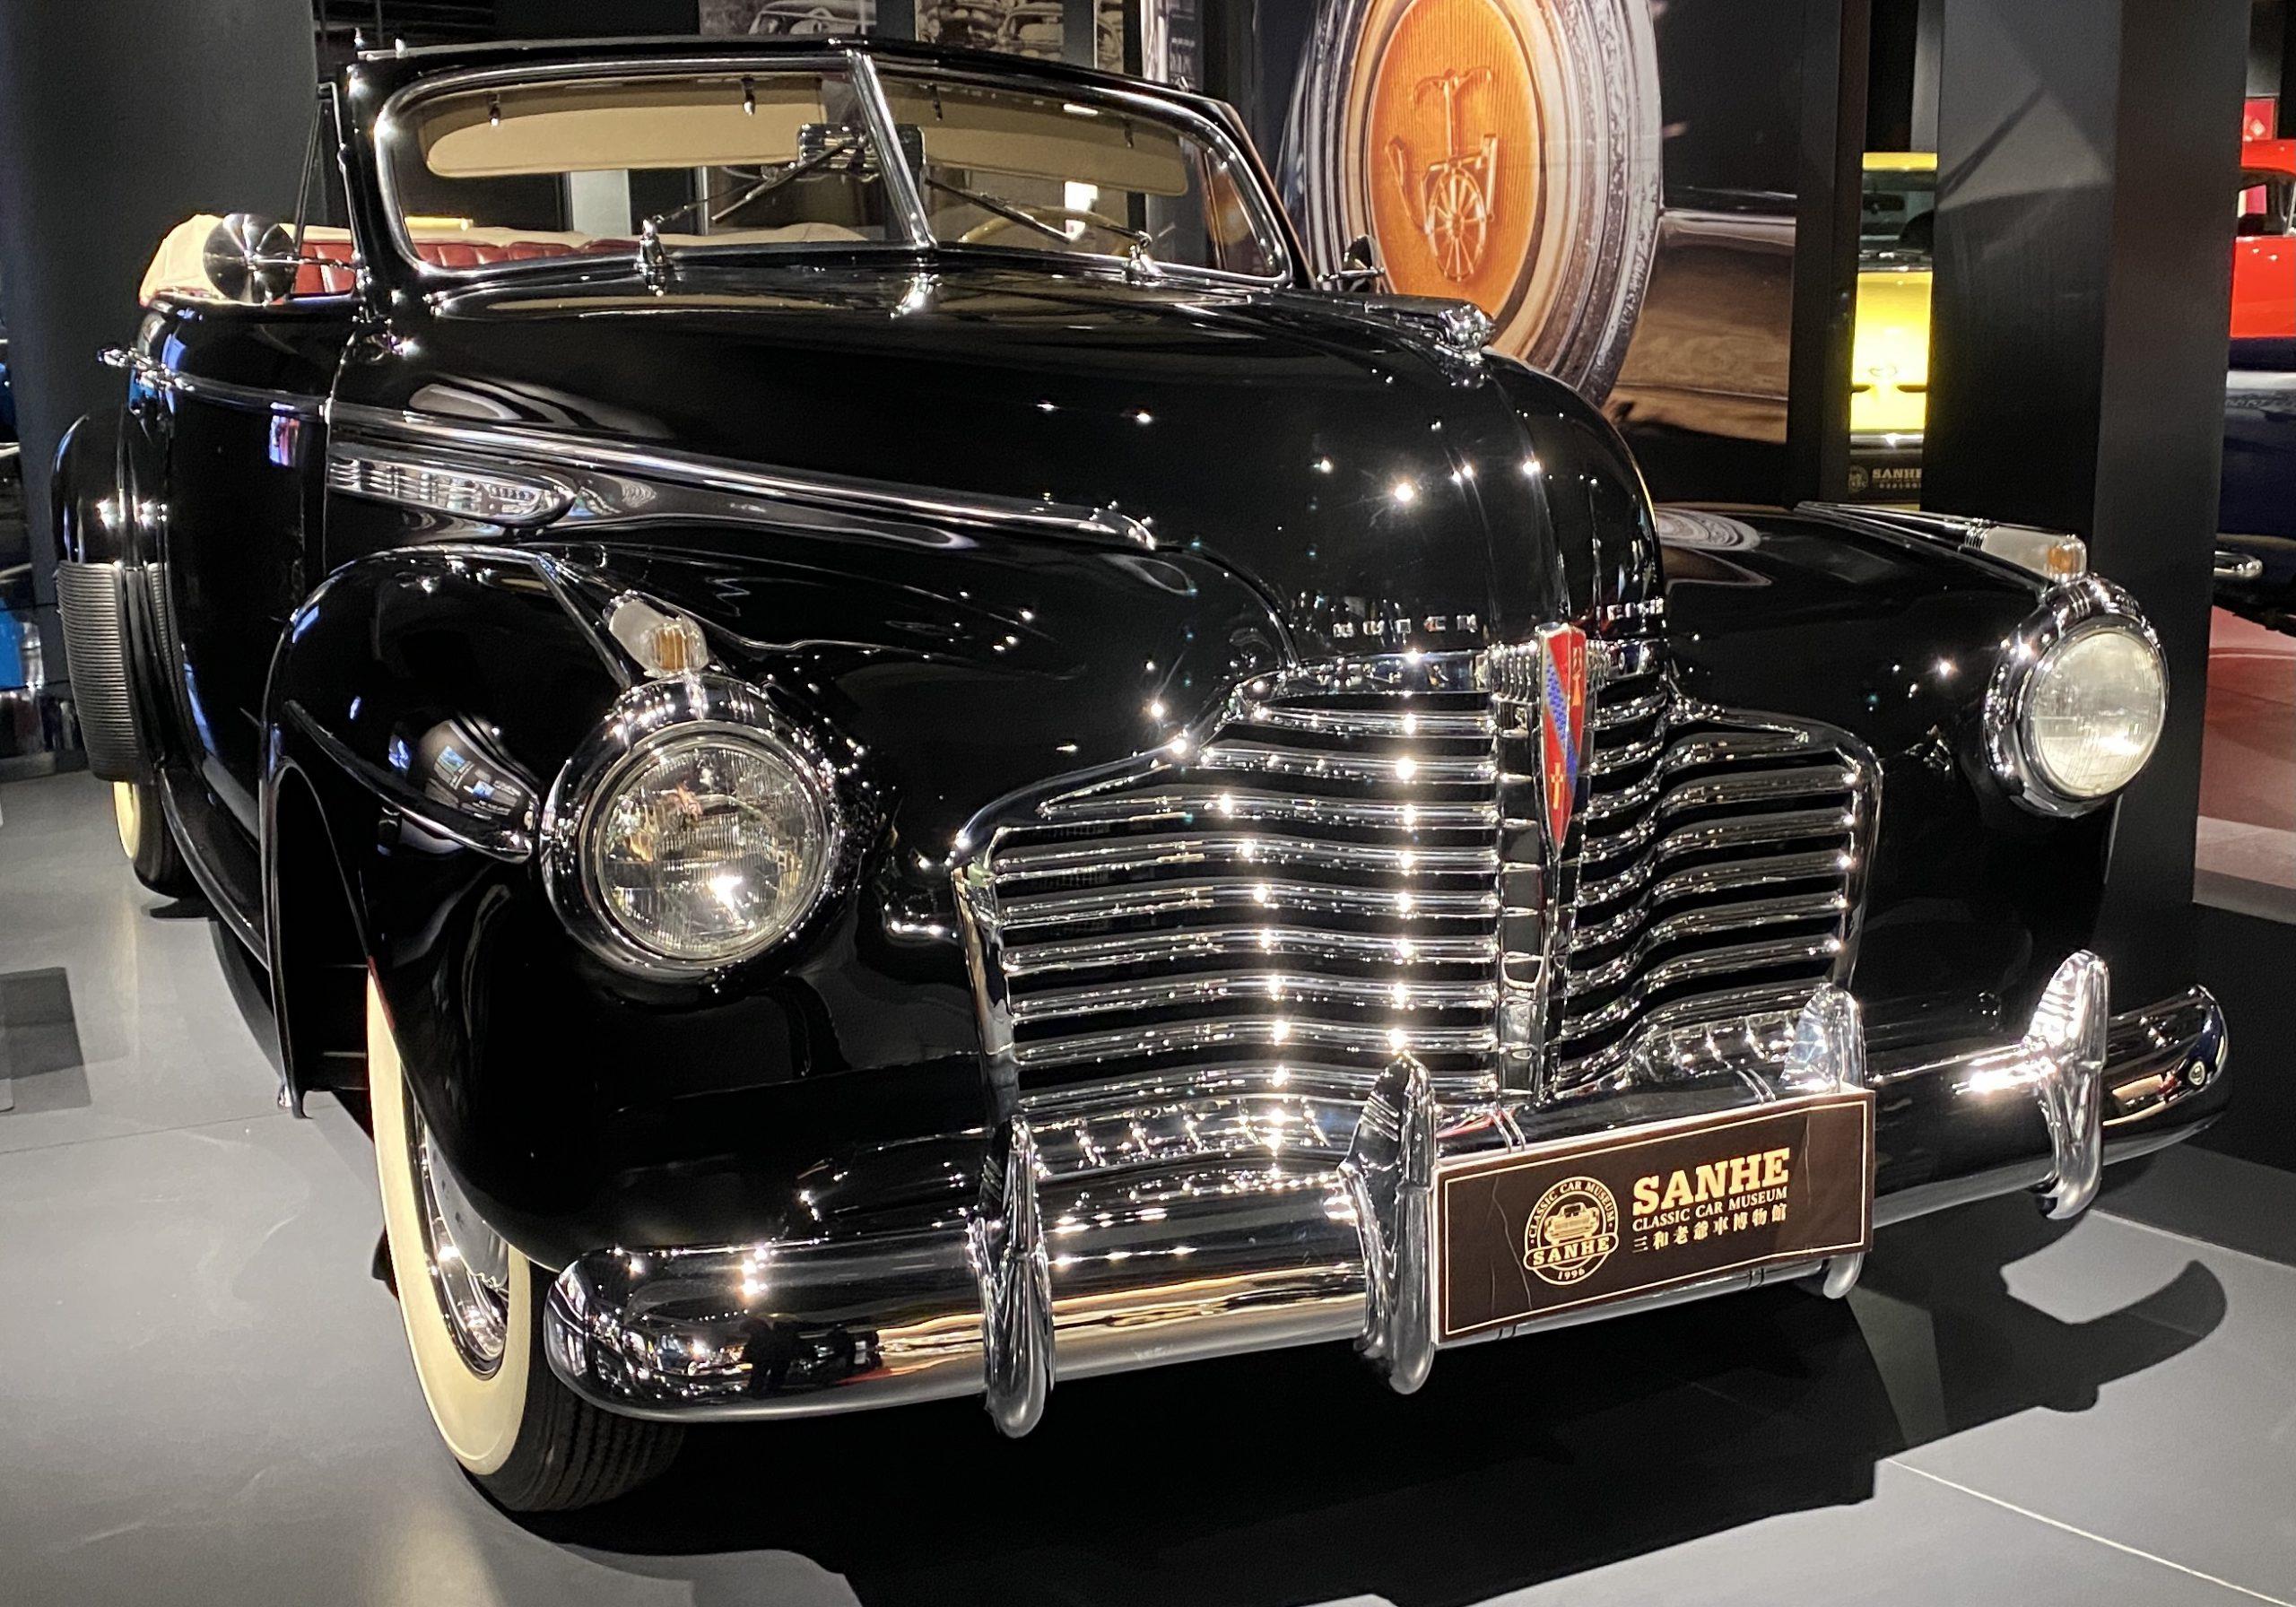 1941ビュイックスーパー-1941 Buick Super-常設展-三和老爺車博物館-成都市-四川省